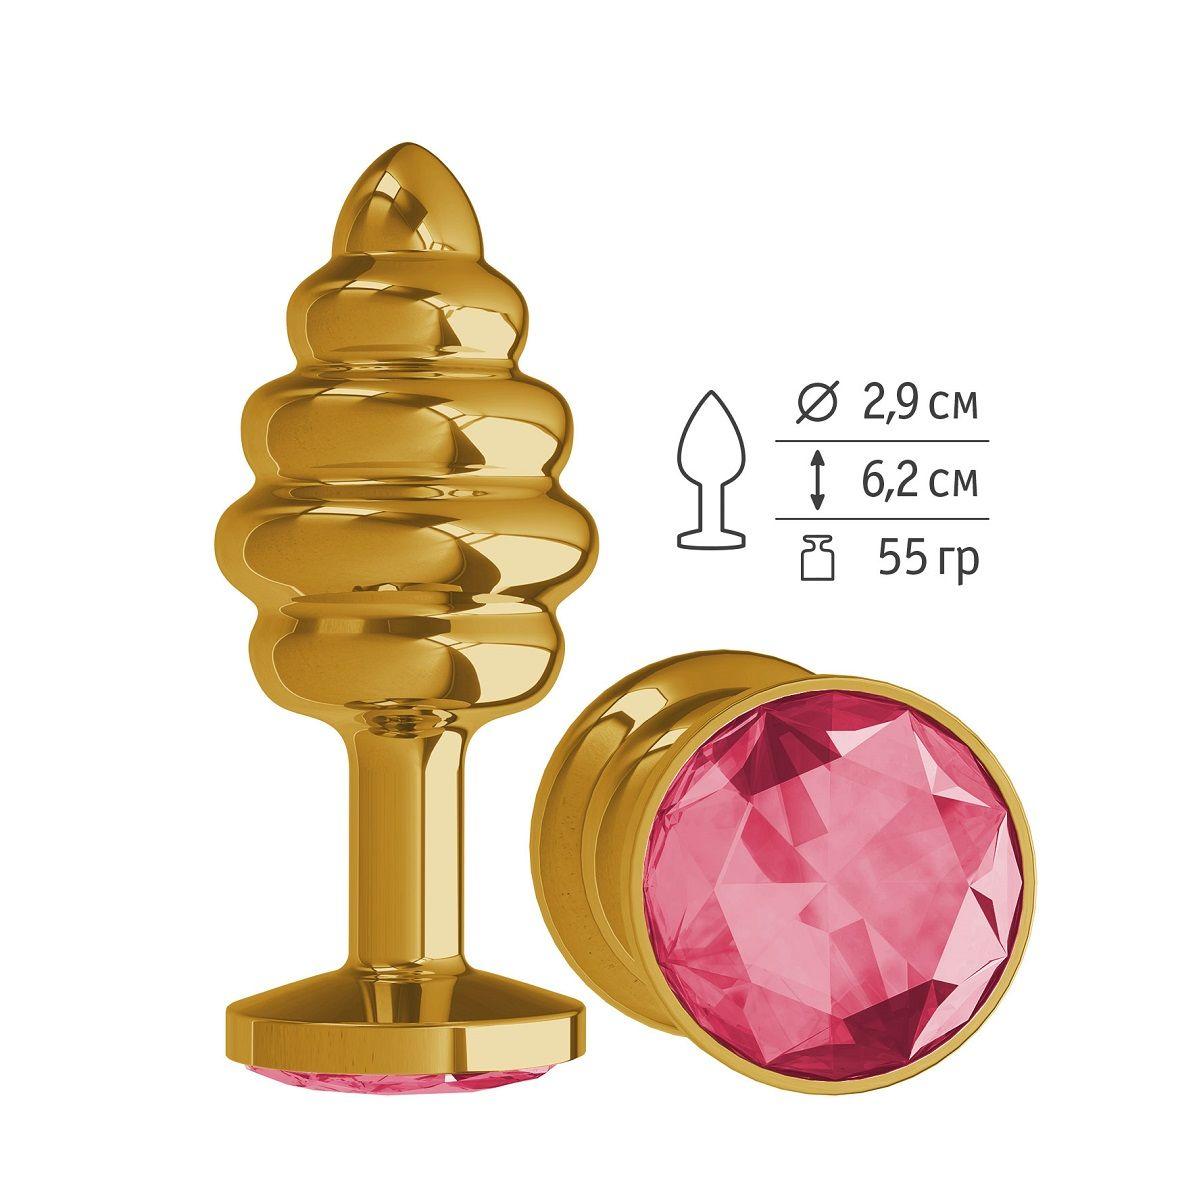 Золотистая пробка с рёбрышками и малиновым кристаллом - 7 см. - фото 213287